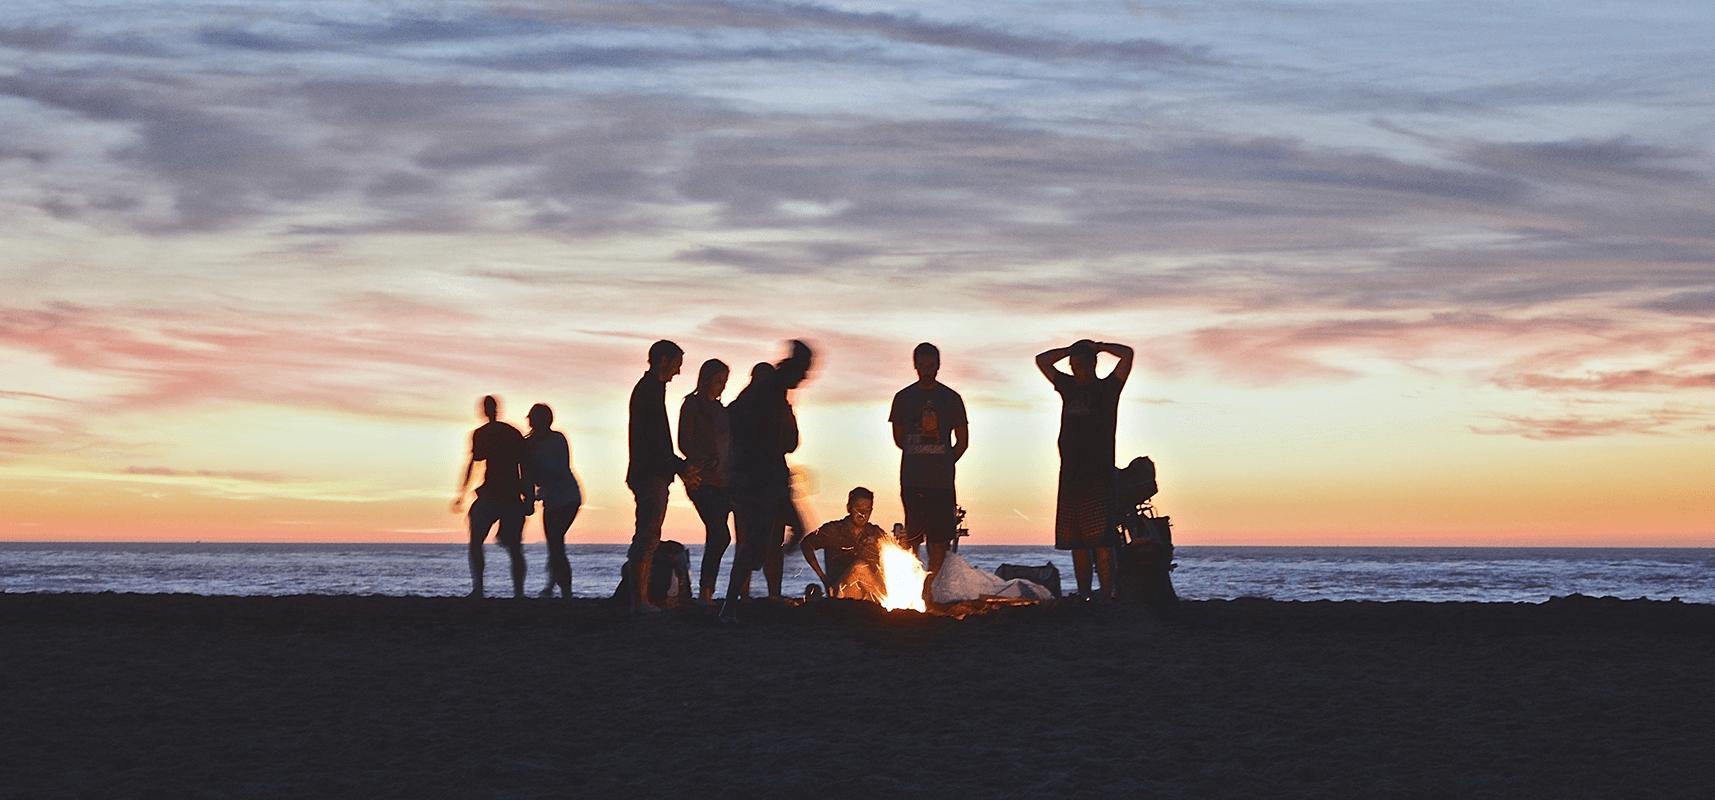 Groupe d'amis autour d'un feu sur une plage devant un coucher de soleil